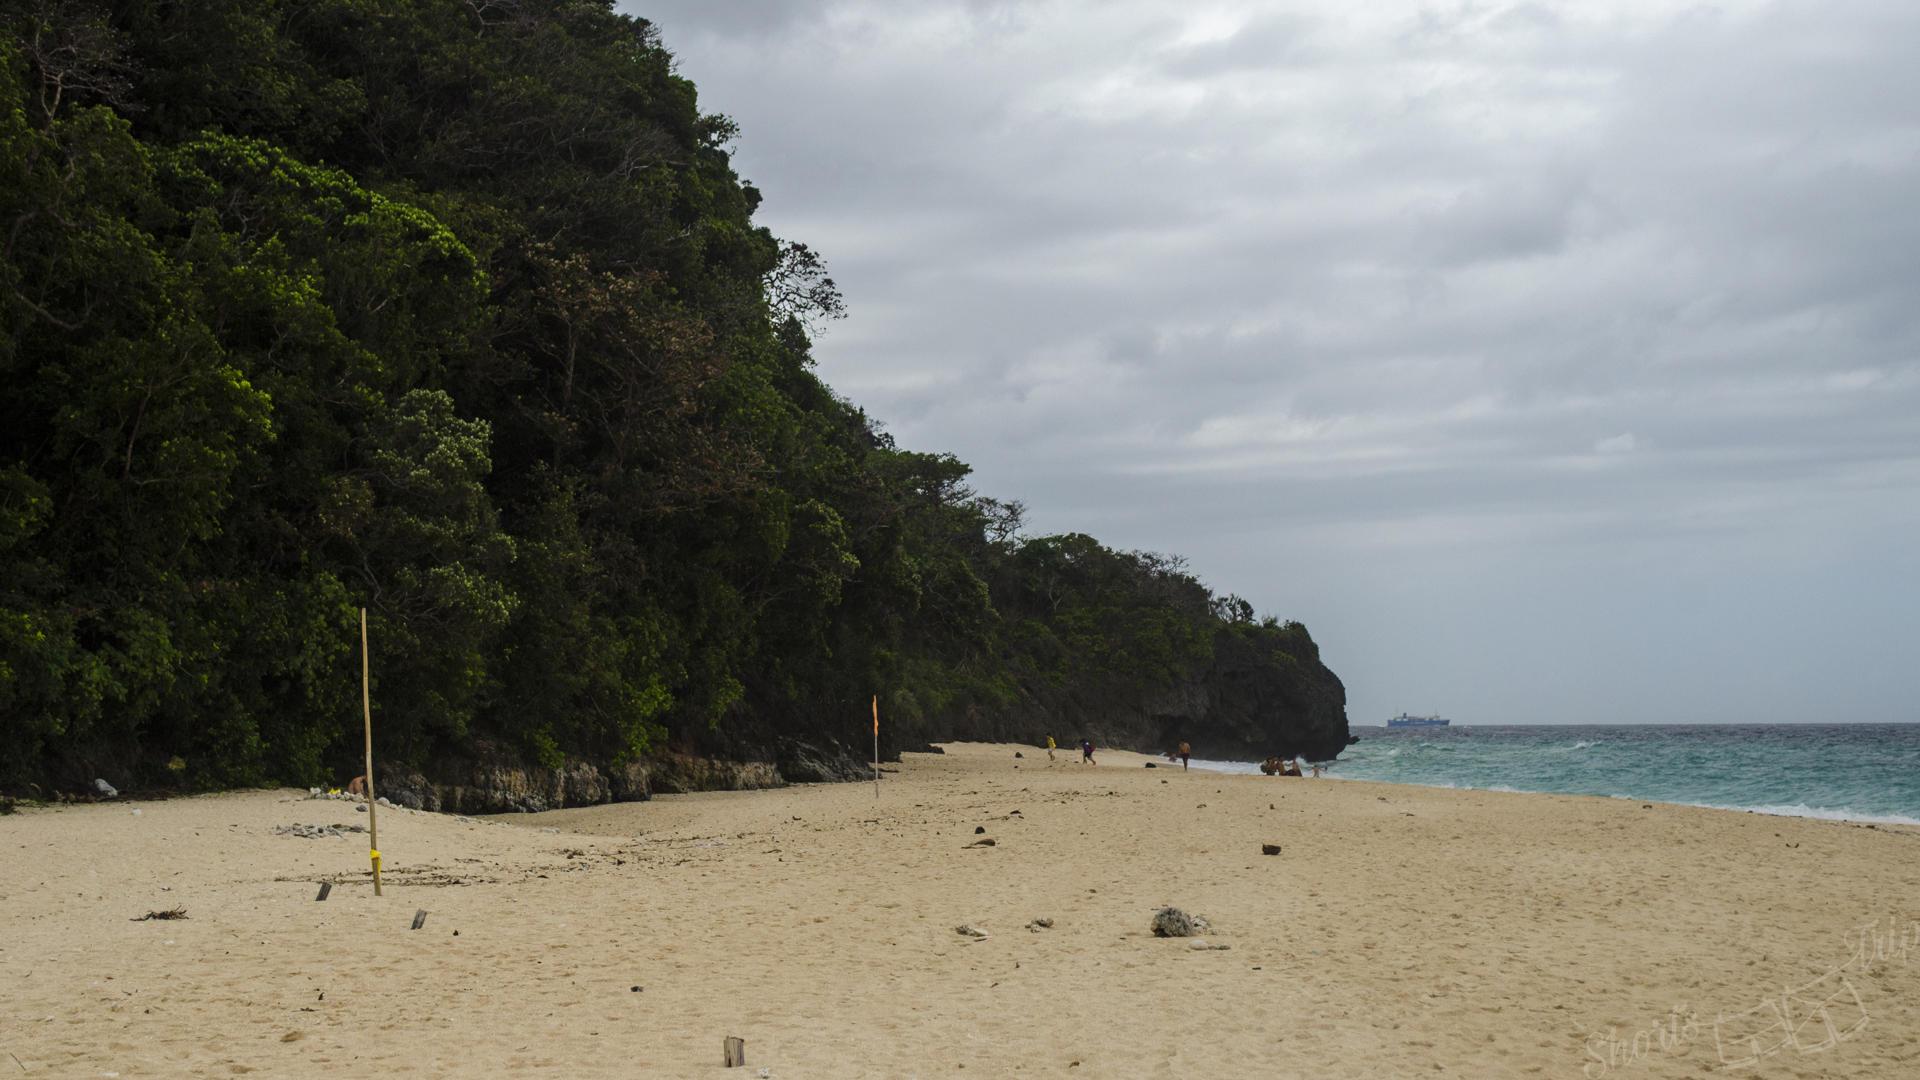 Пляж Пука, Пляж Пука боракай, боракай пука, пука пляж без людей